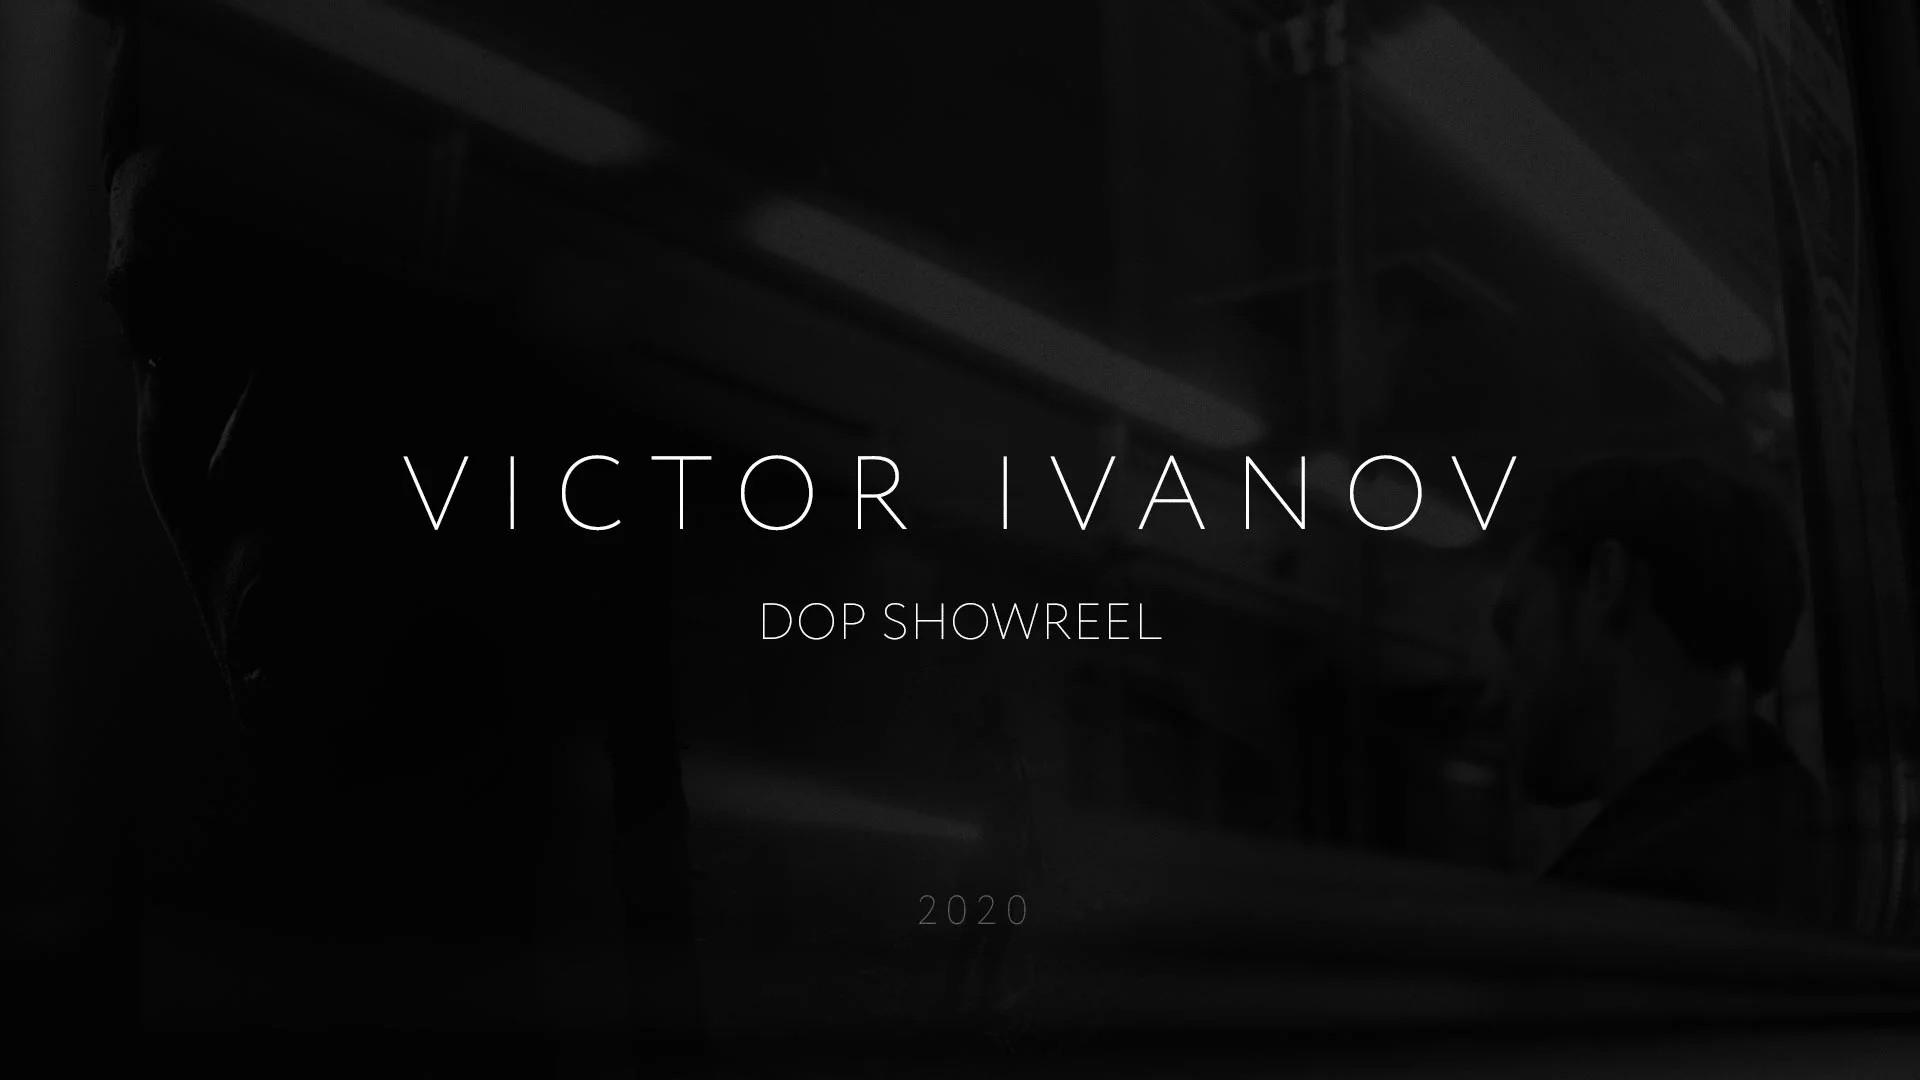 DOP showreel 2020 | Victor Ivanov